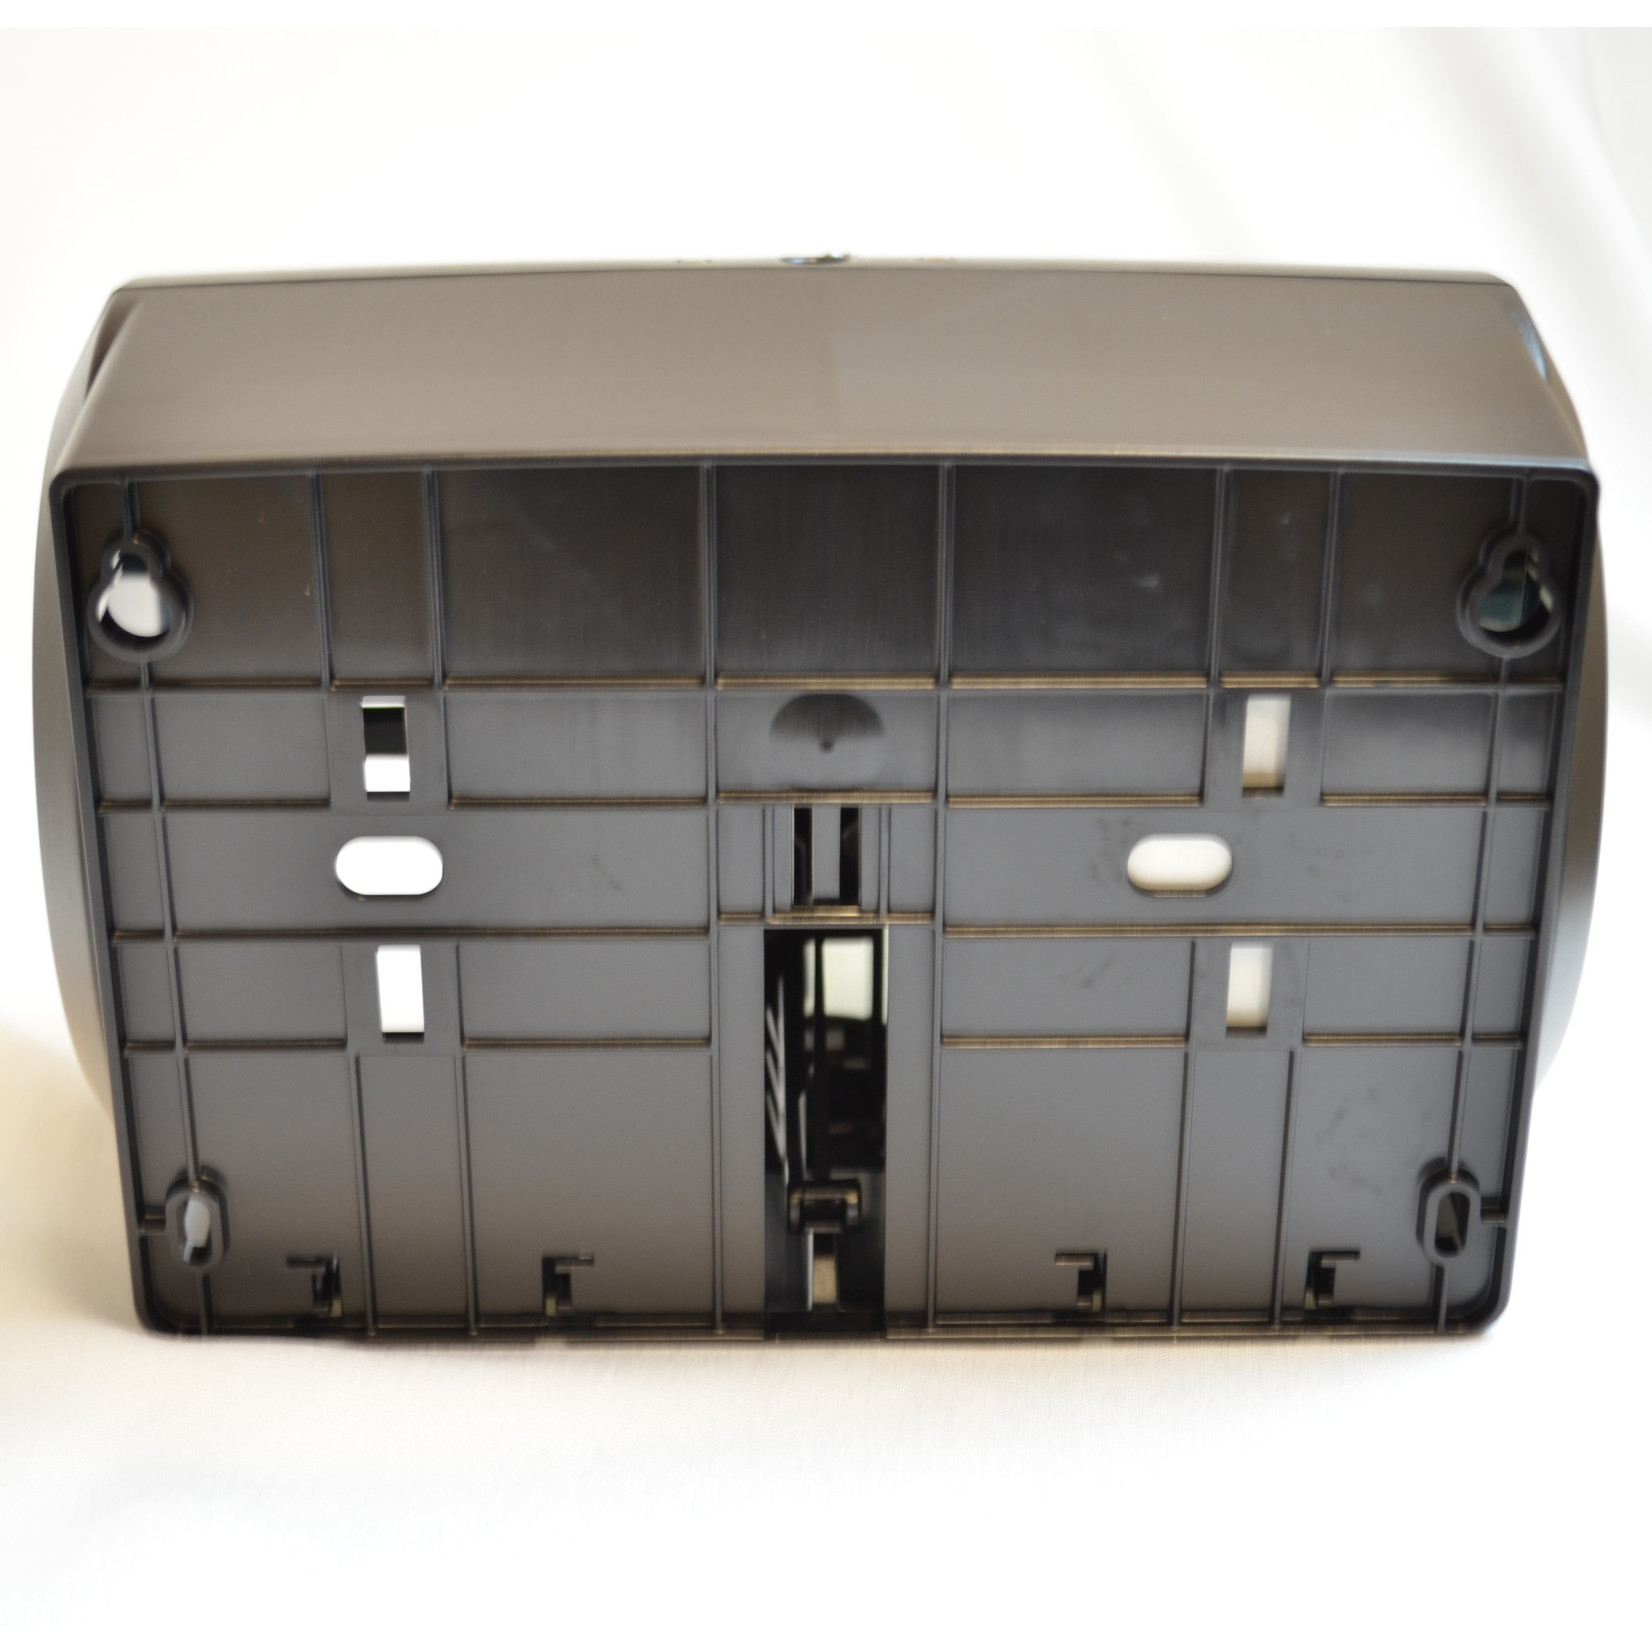 GP Compact 2-Roll Vertical Bath Tissue Dispenser